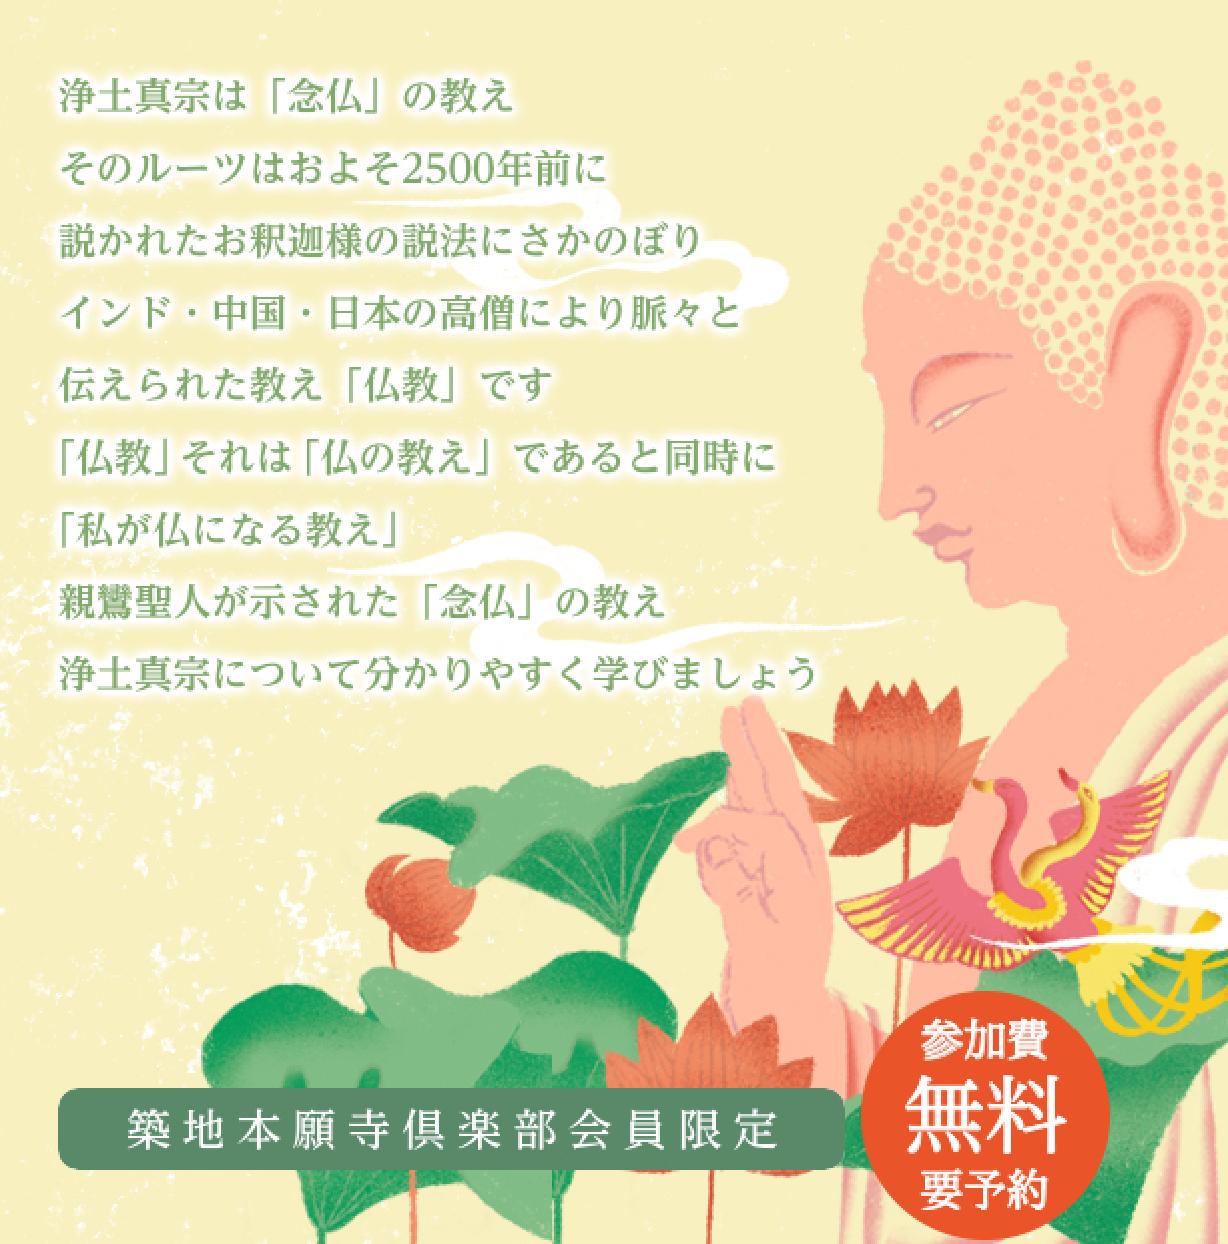 浄土真宗は「念仏」の教えそのルーツはおよそ2500年前に説かれたお釈迦様の説法にさかのぼりインド・中国・日本の高僧により脈々と伝えられた教え「仏教」です「仏教」それは「仏の教え」であると同時に「私が仏になる教え」親鸞聖人が示された「念仏」の教え浄土真宗について分かりやすく学びましょう